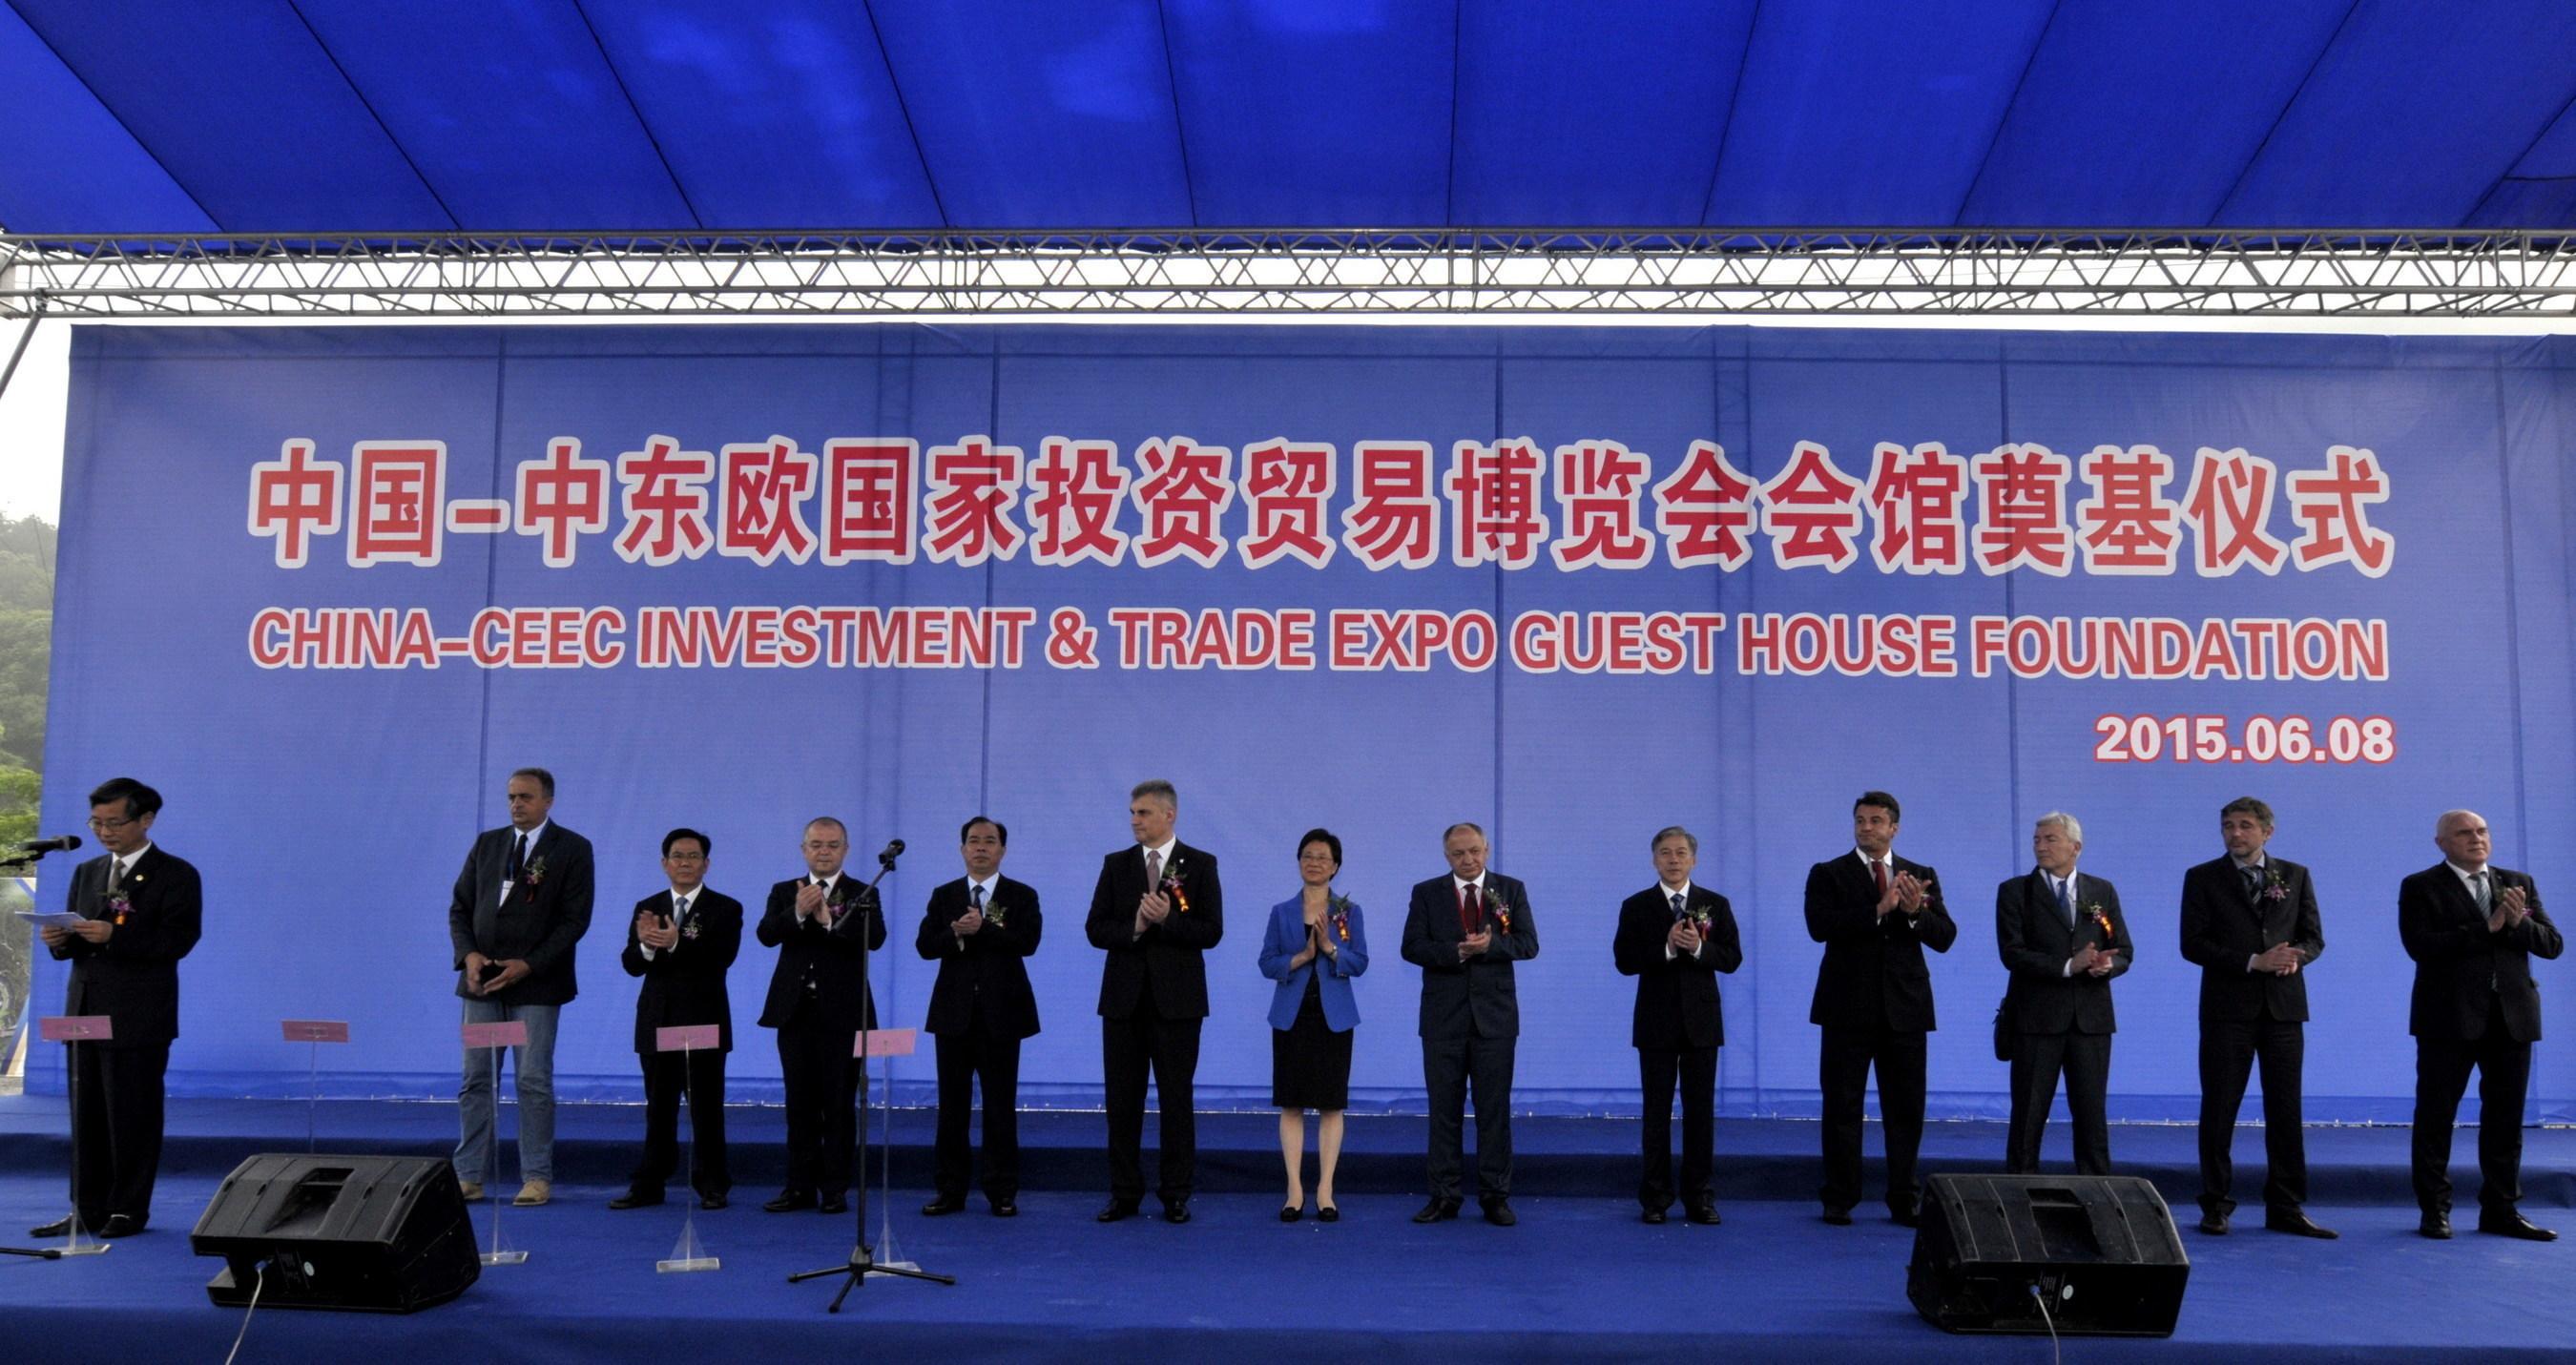 El nuevo hall de la China-CEEC Expo Convention se convierte en una fuerza destacada para China-CEEC